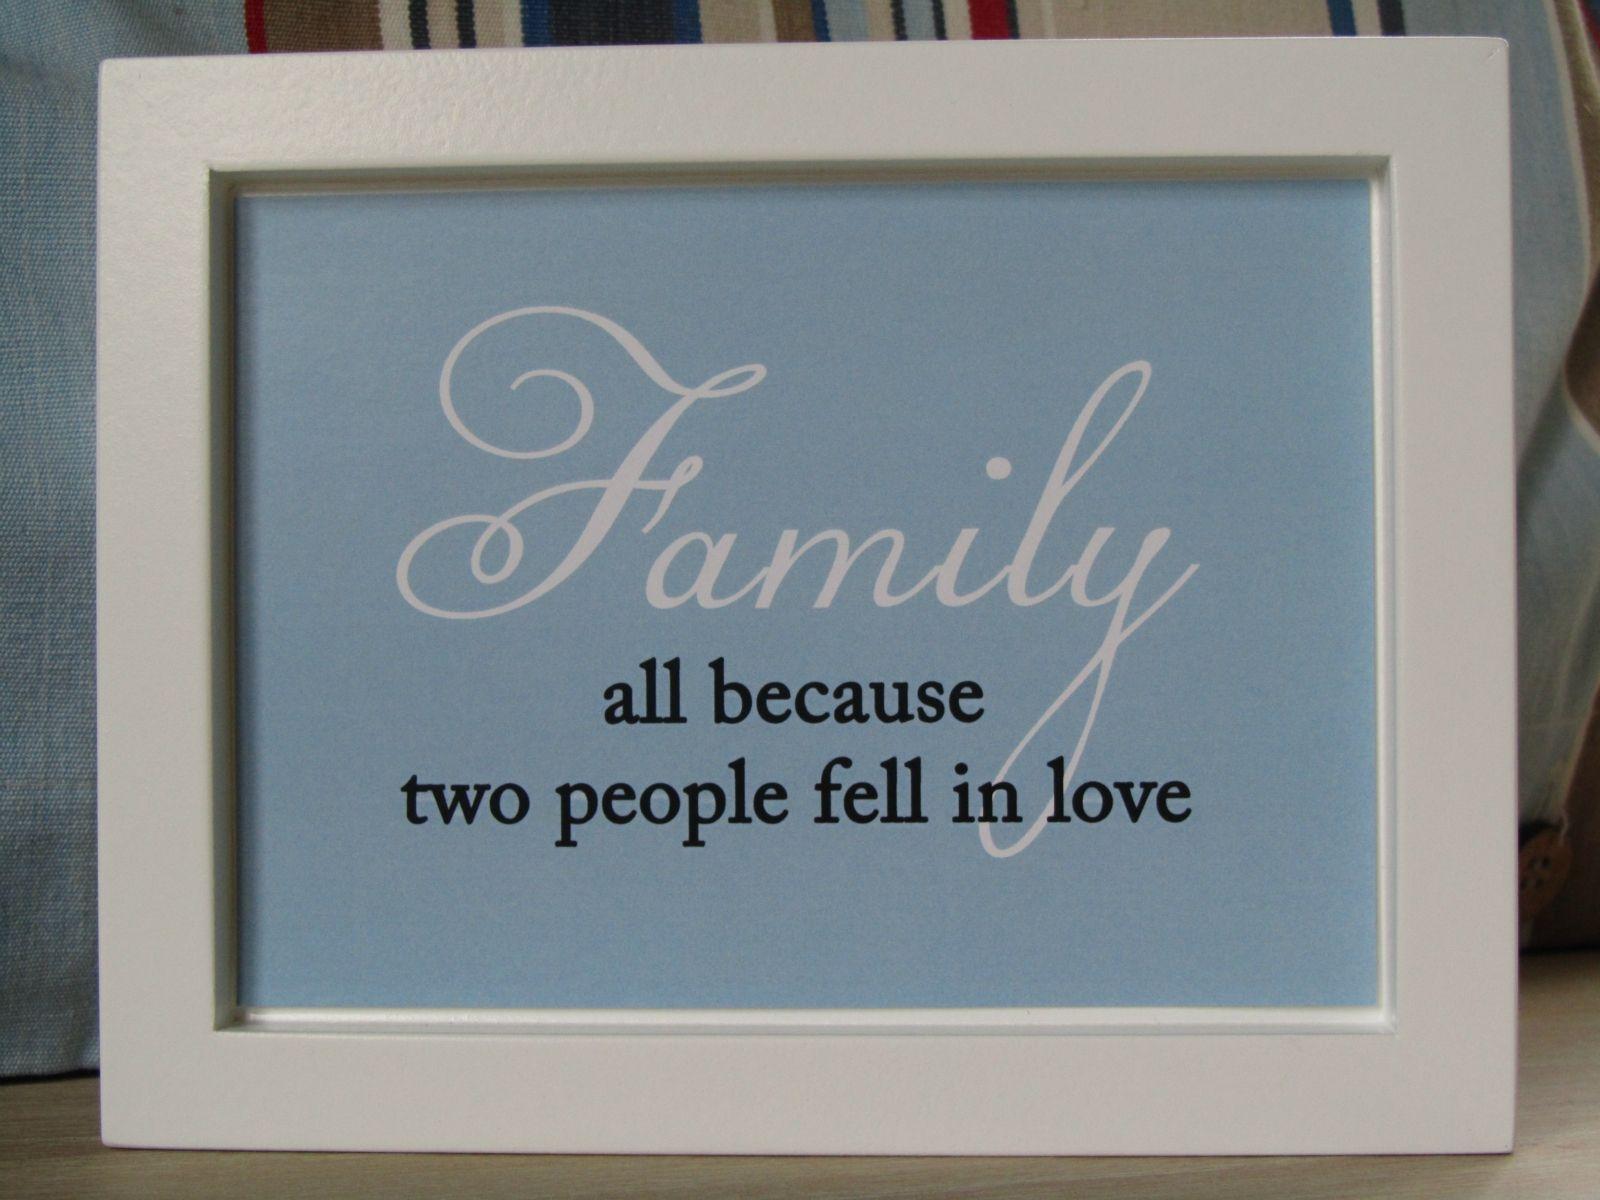 Framed Family In Love Quote Wall Art http://felt.co.nz/listing/111476/Framed-Family-In-Love-Quote-Wall-Art